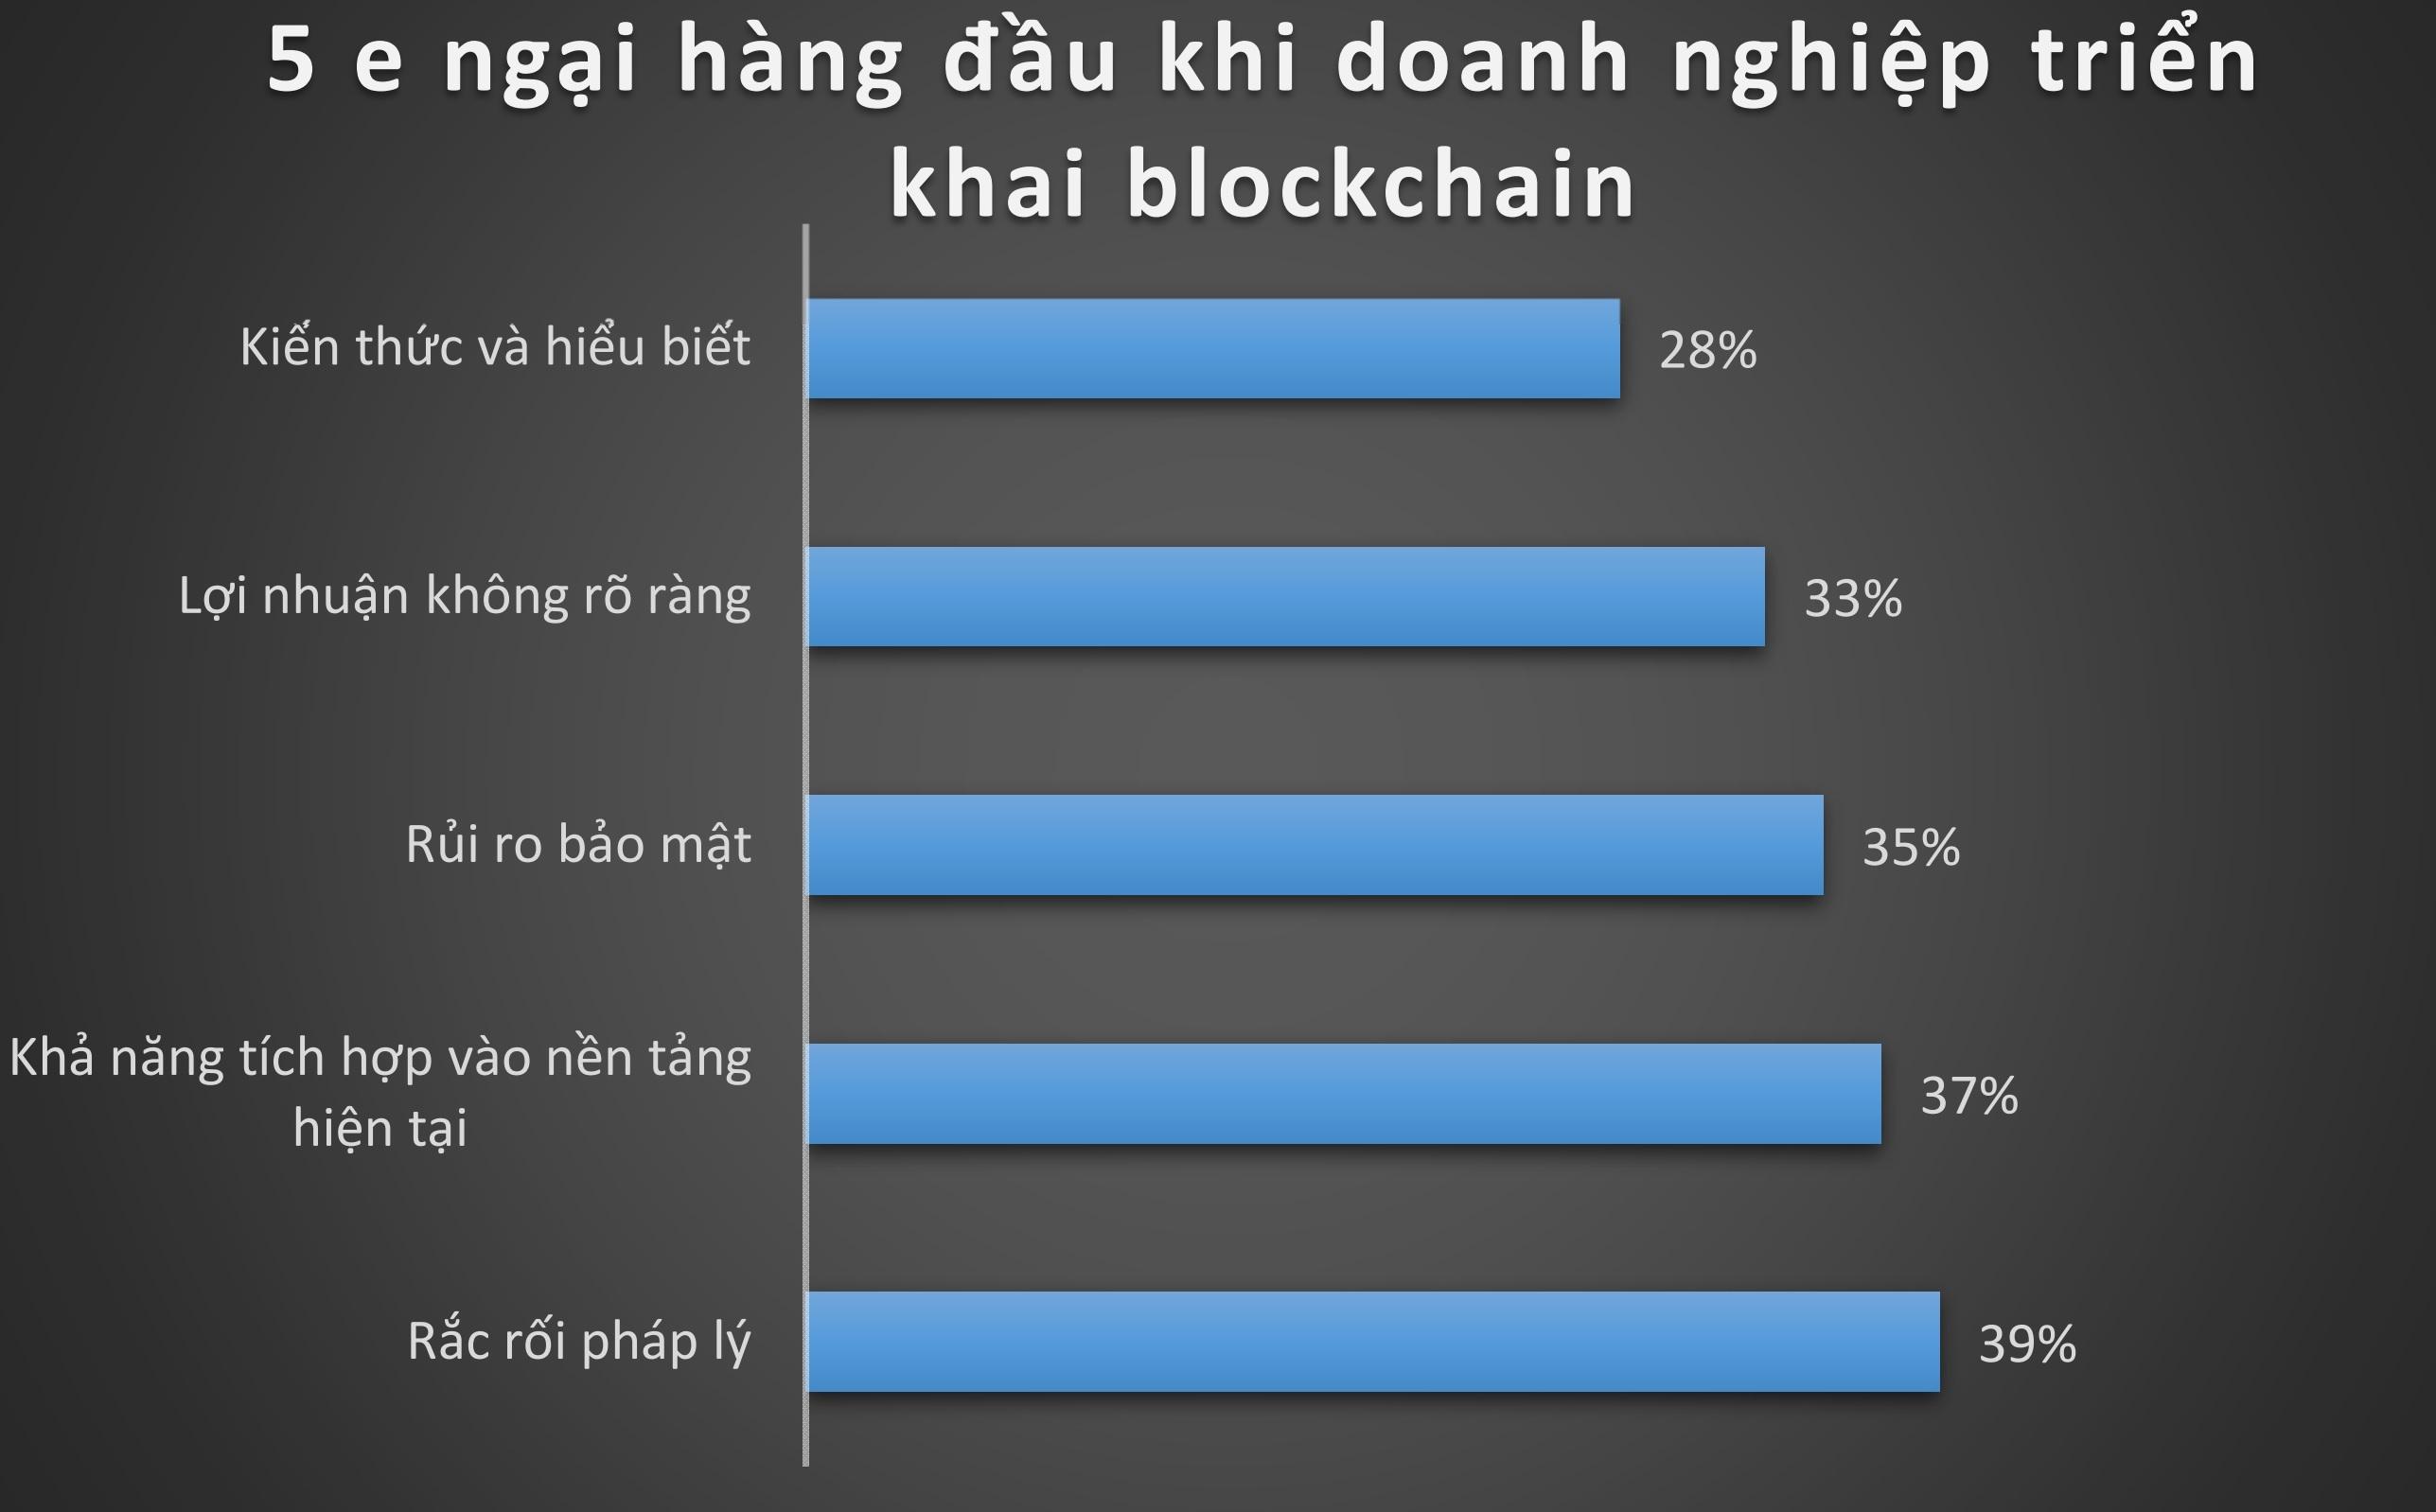 Bitcoin có giá 0 đồng: Tiên liệu choáng váng, dân buôn tiền ảo 'vỡ trận'-6